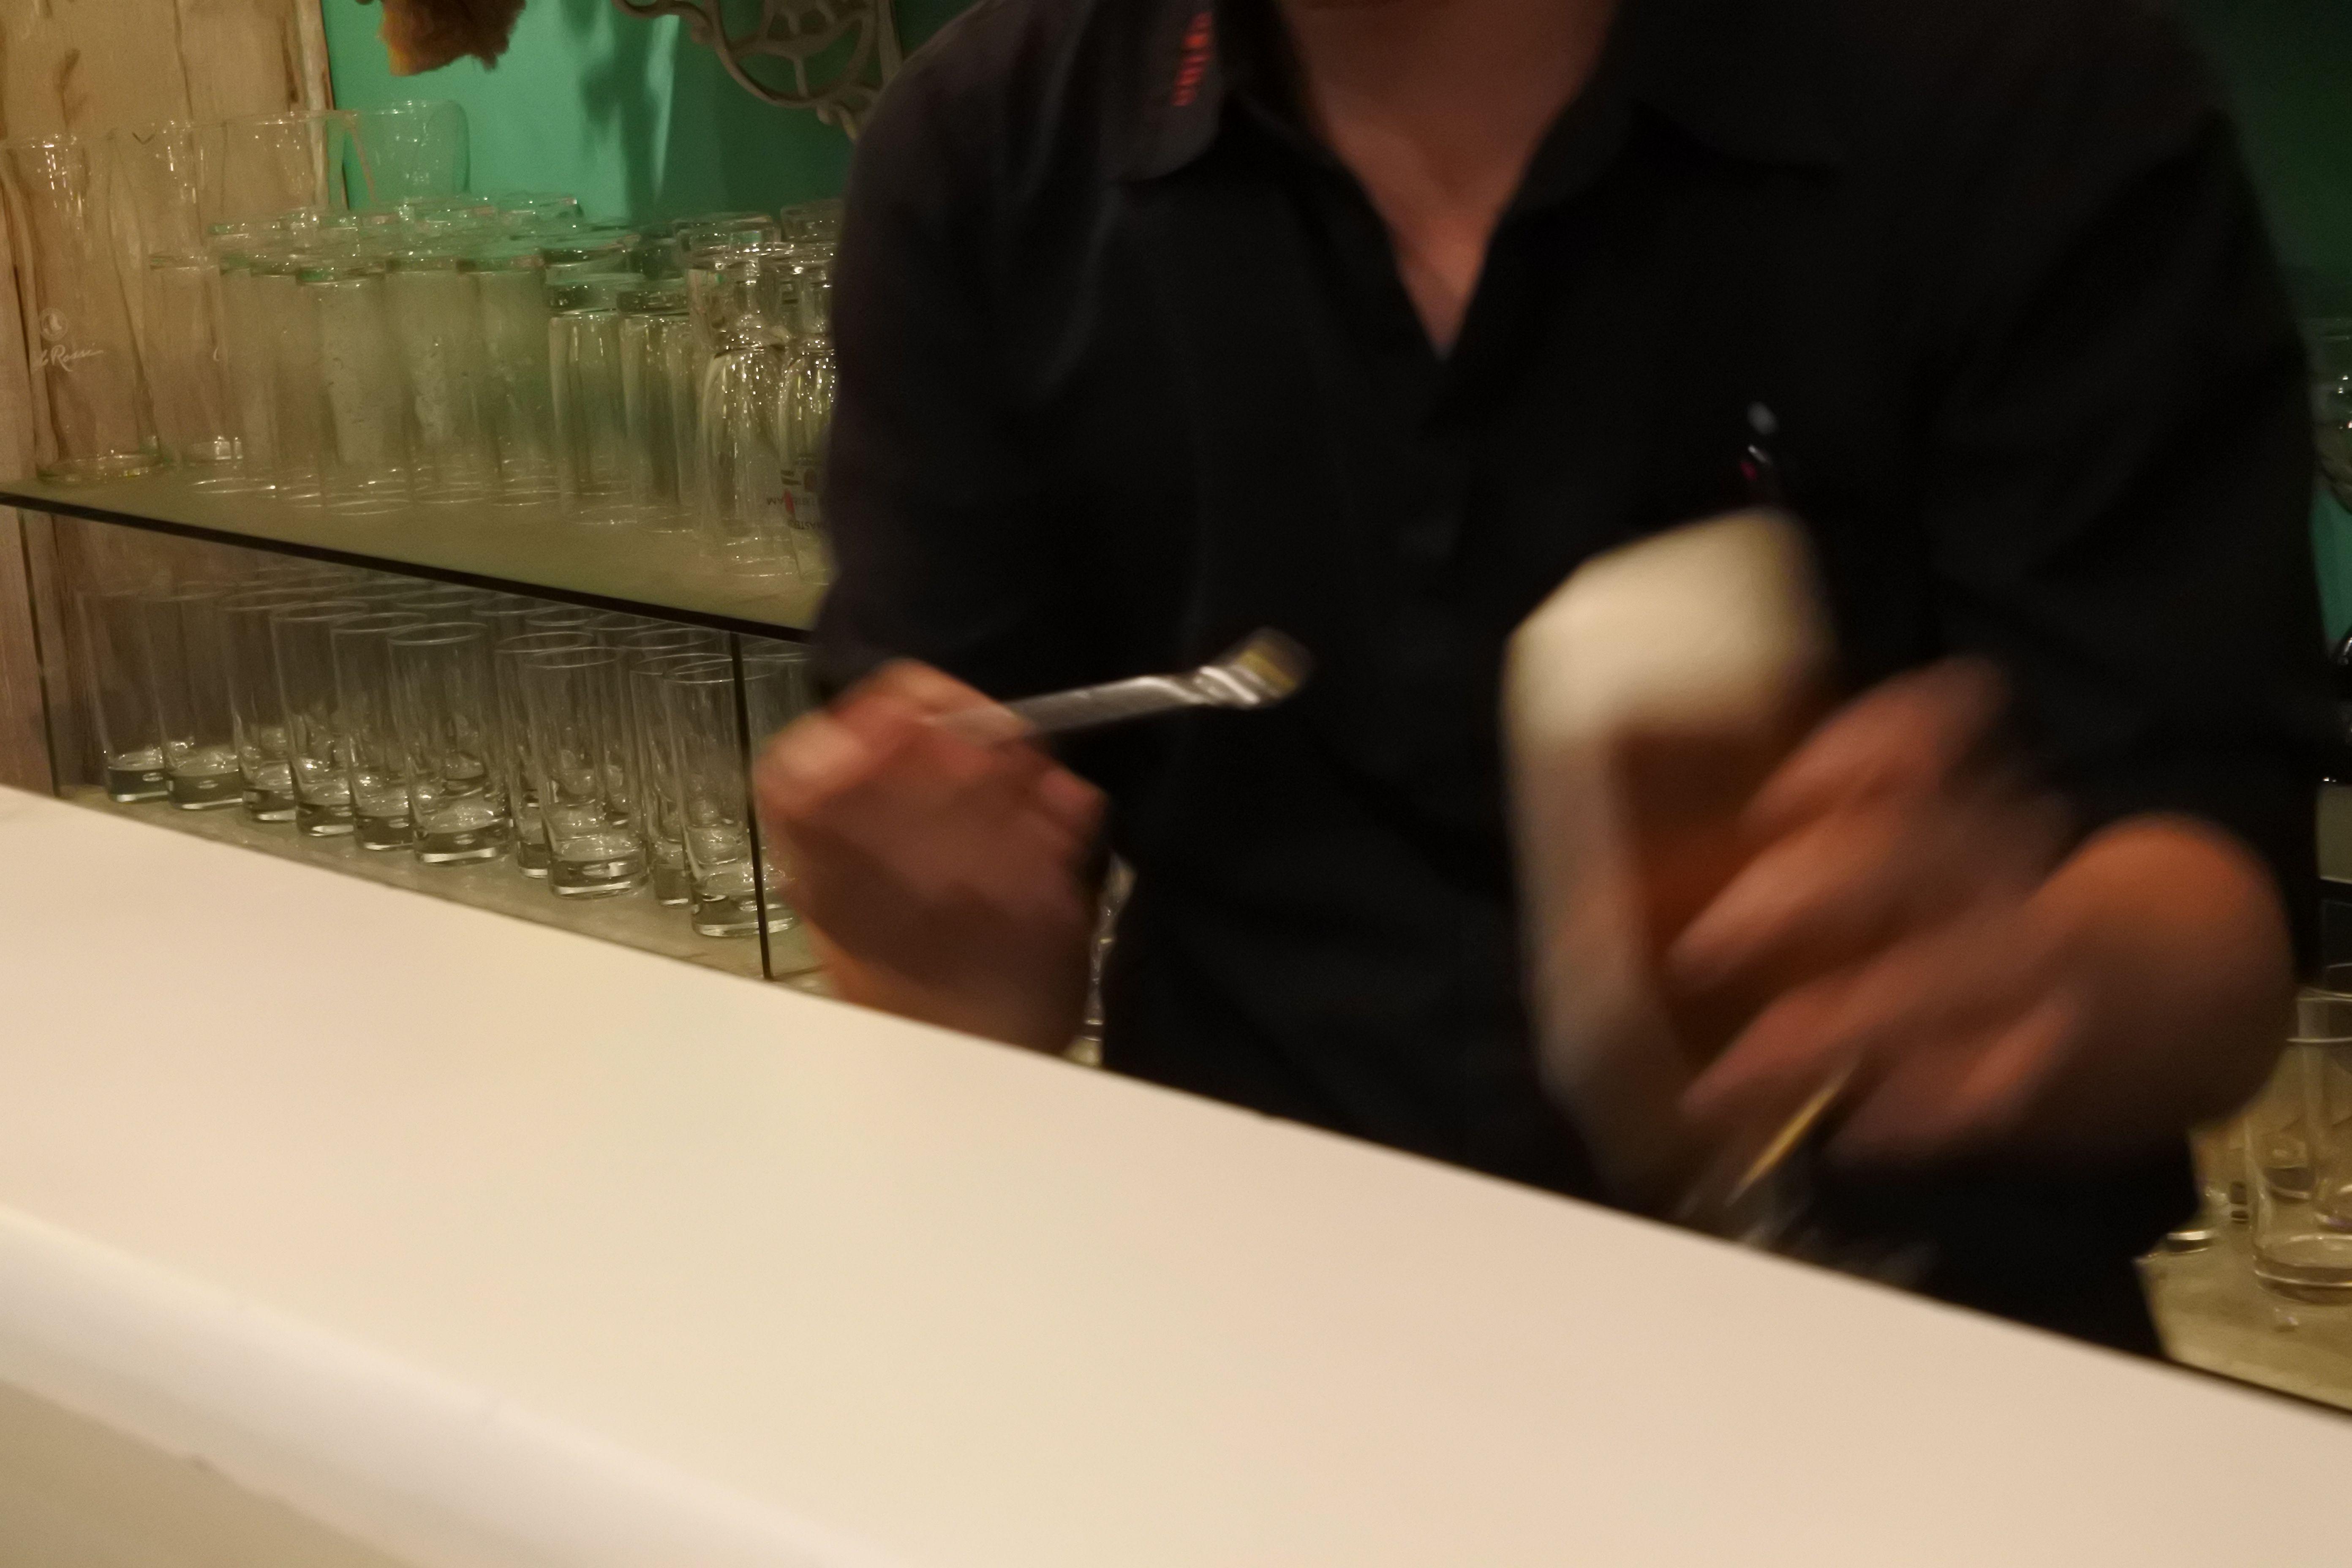 イクジーノカフェ 名古屋 誕生日 ホットペッパー ランチ